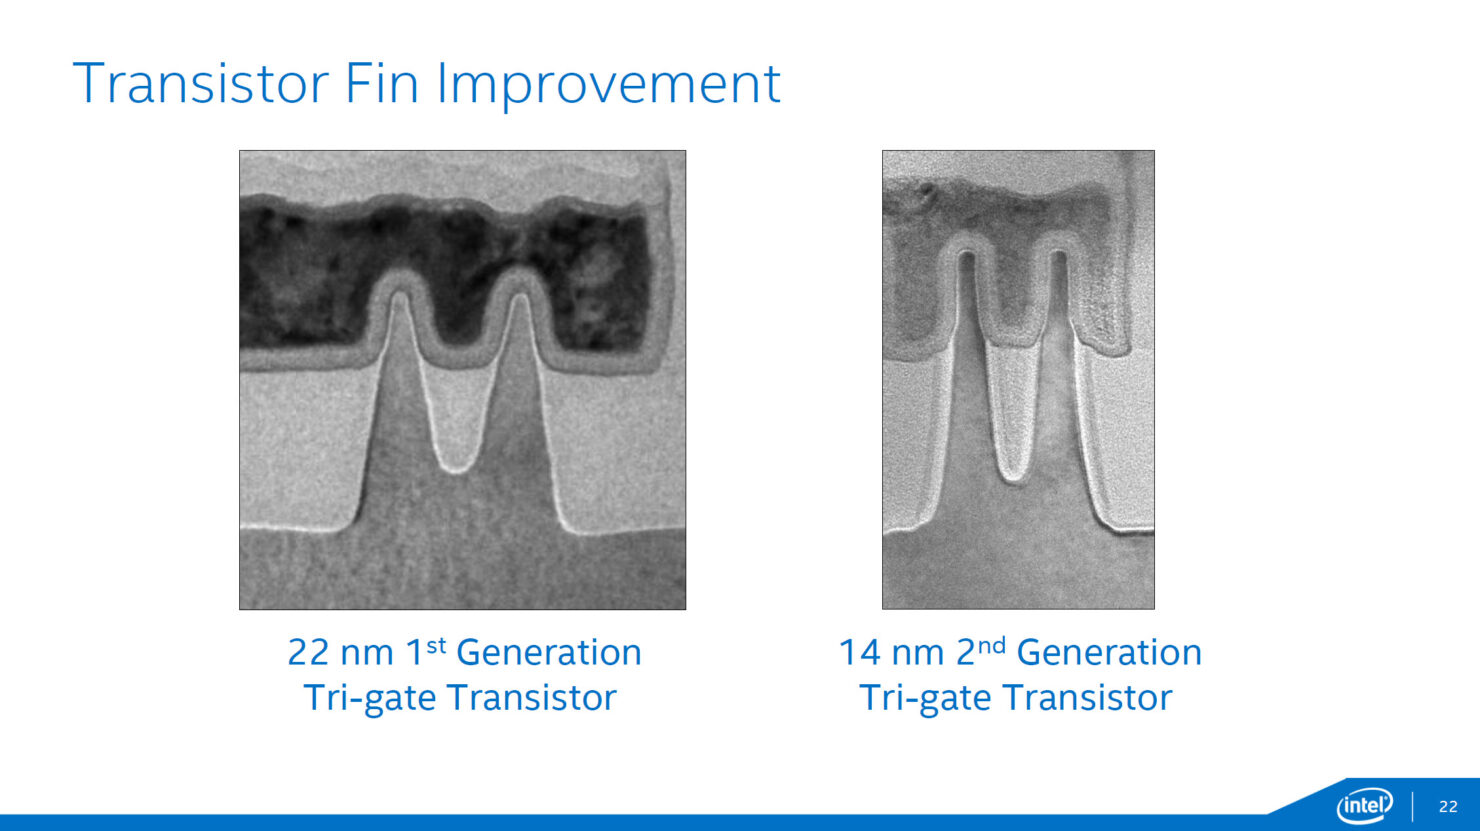 intel-broadwell-14nm-transistor-fin